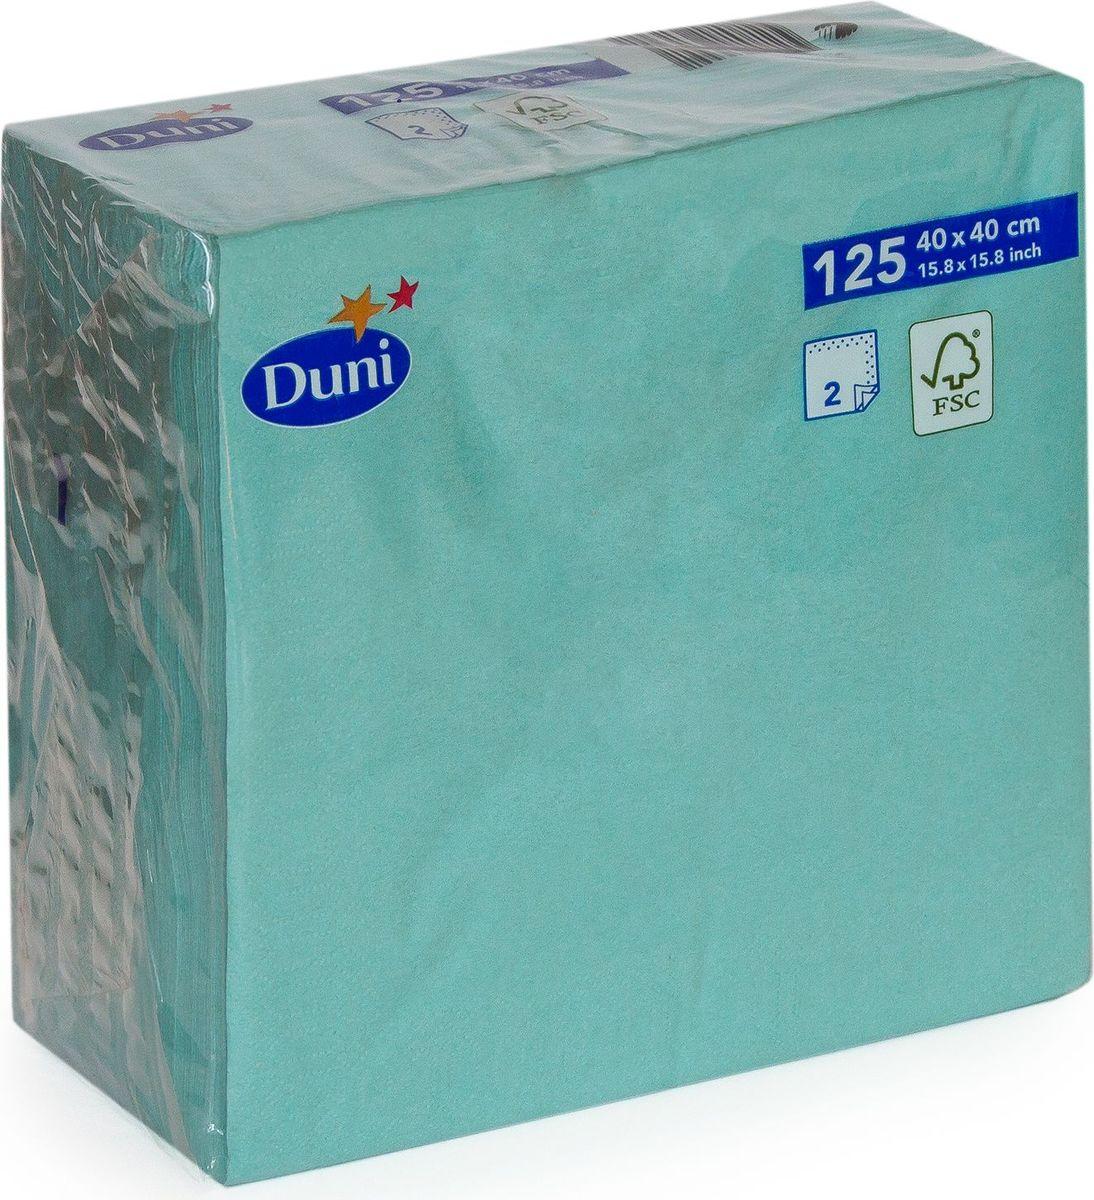 Салфетки бумажные Duni, 2-слойные, цвет: голубой, 40 см161399Многослойные бумажные салфетки изготовлены из экологически чистого, высококачественного сырья - 100% целлюлозы. Салфетки выполнены в оригинальном и современном стиле, прекрасно сочетаются с любым интерьером и всегда будут прекрасным и незаменимым украшением стола.